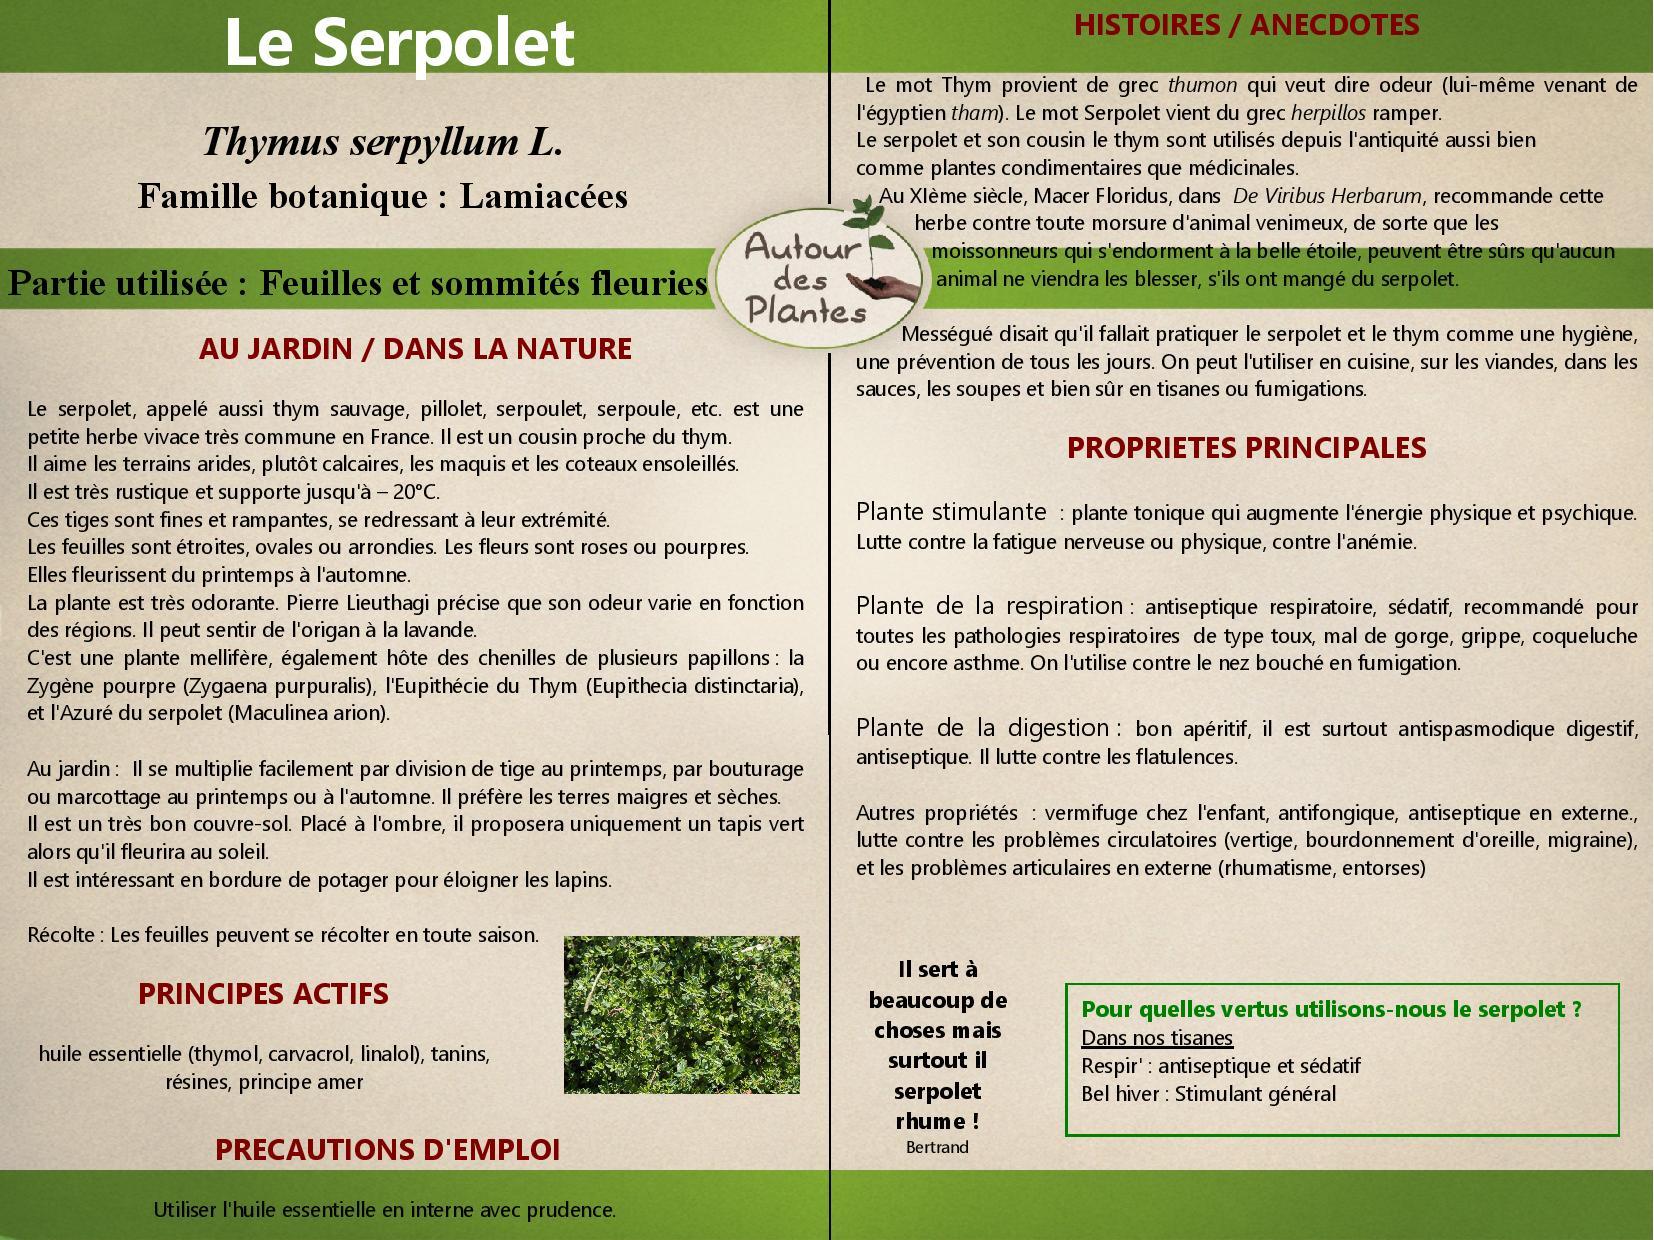 Le serpolet page 001